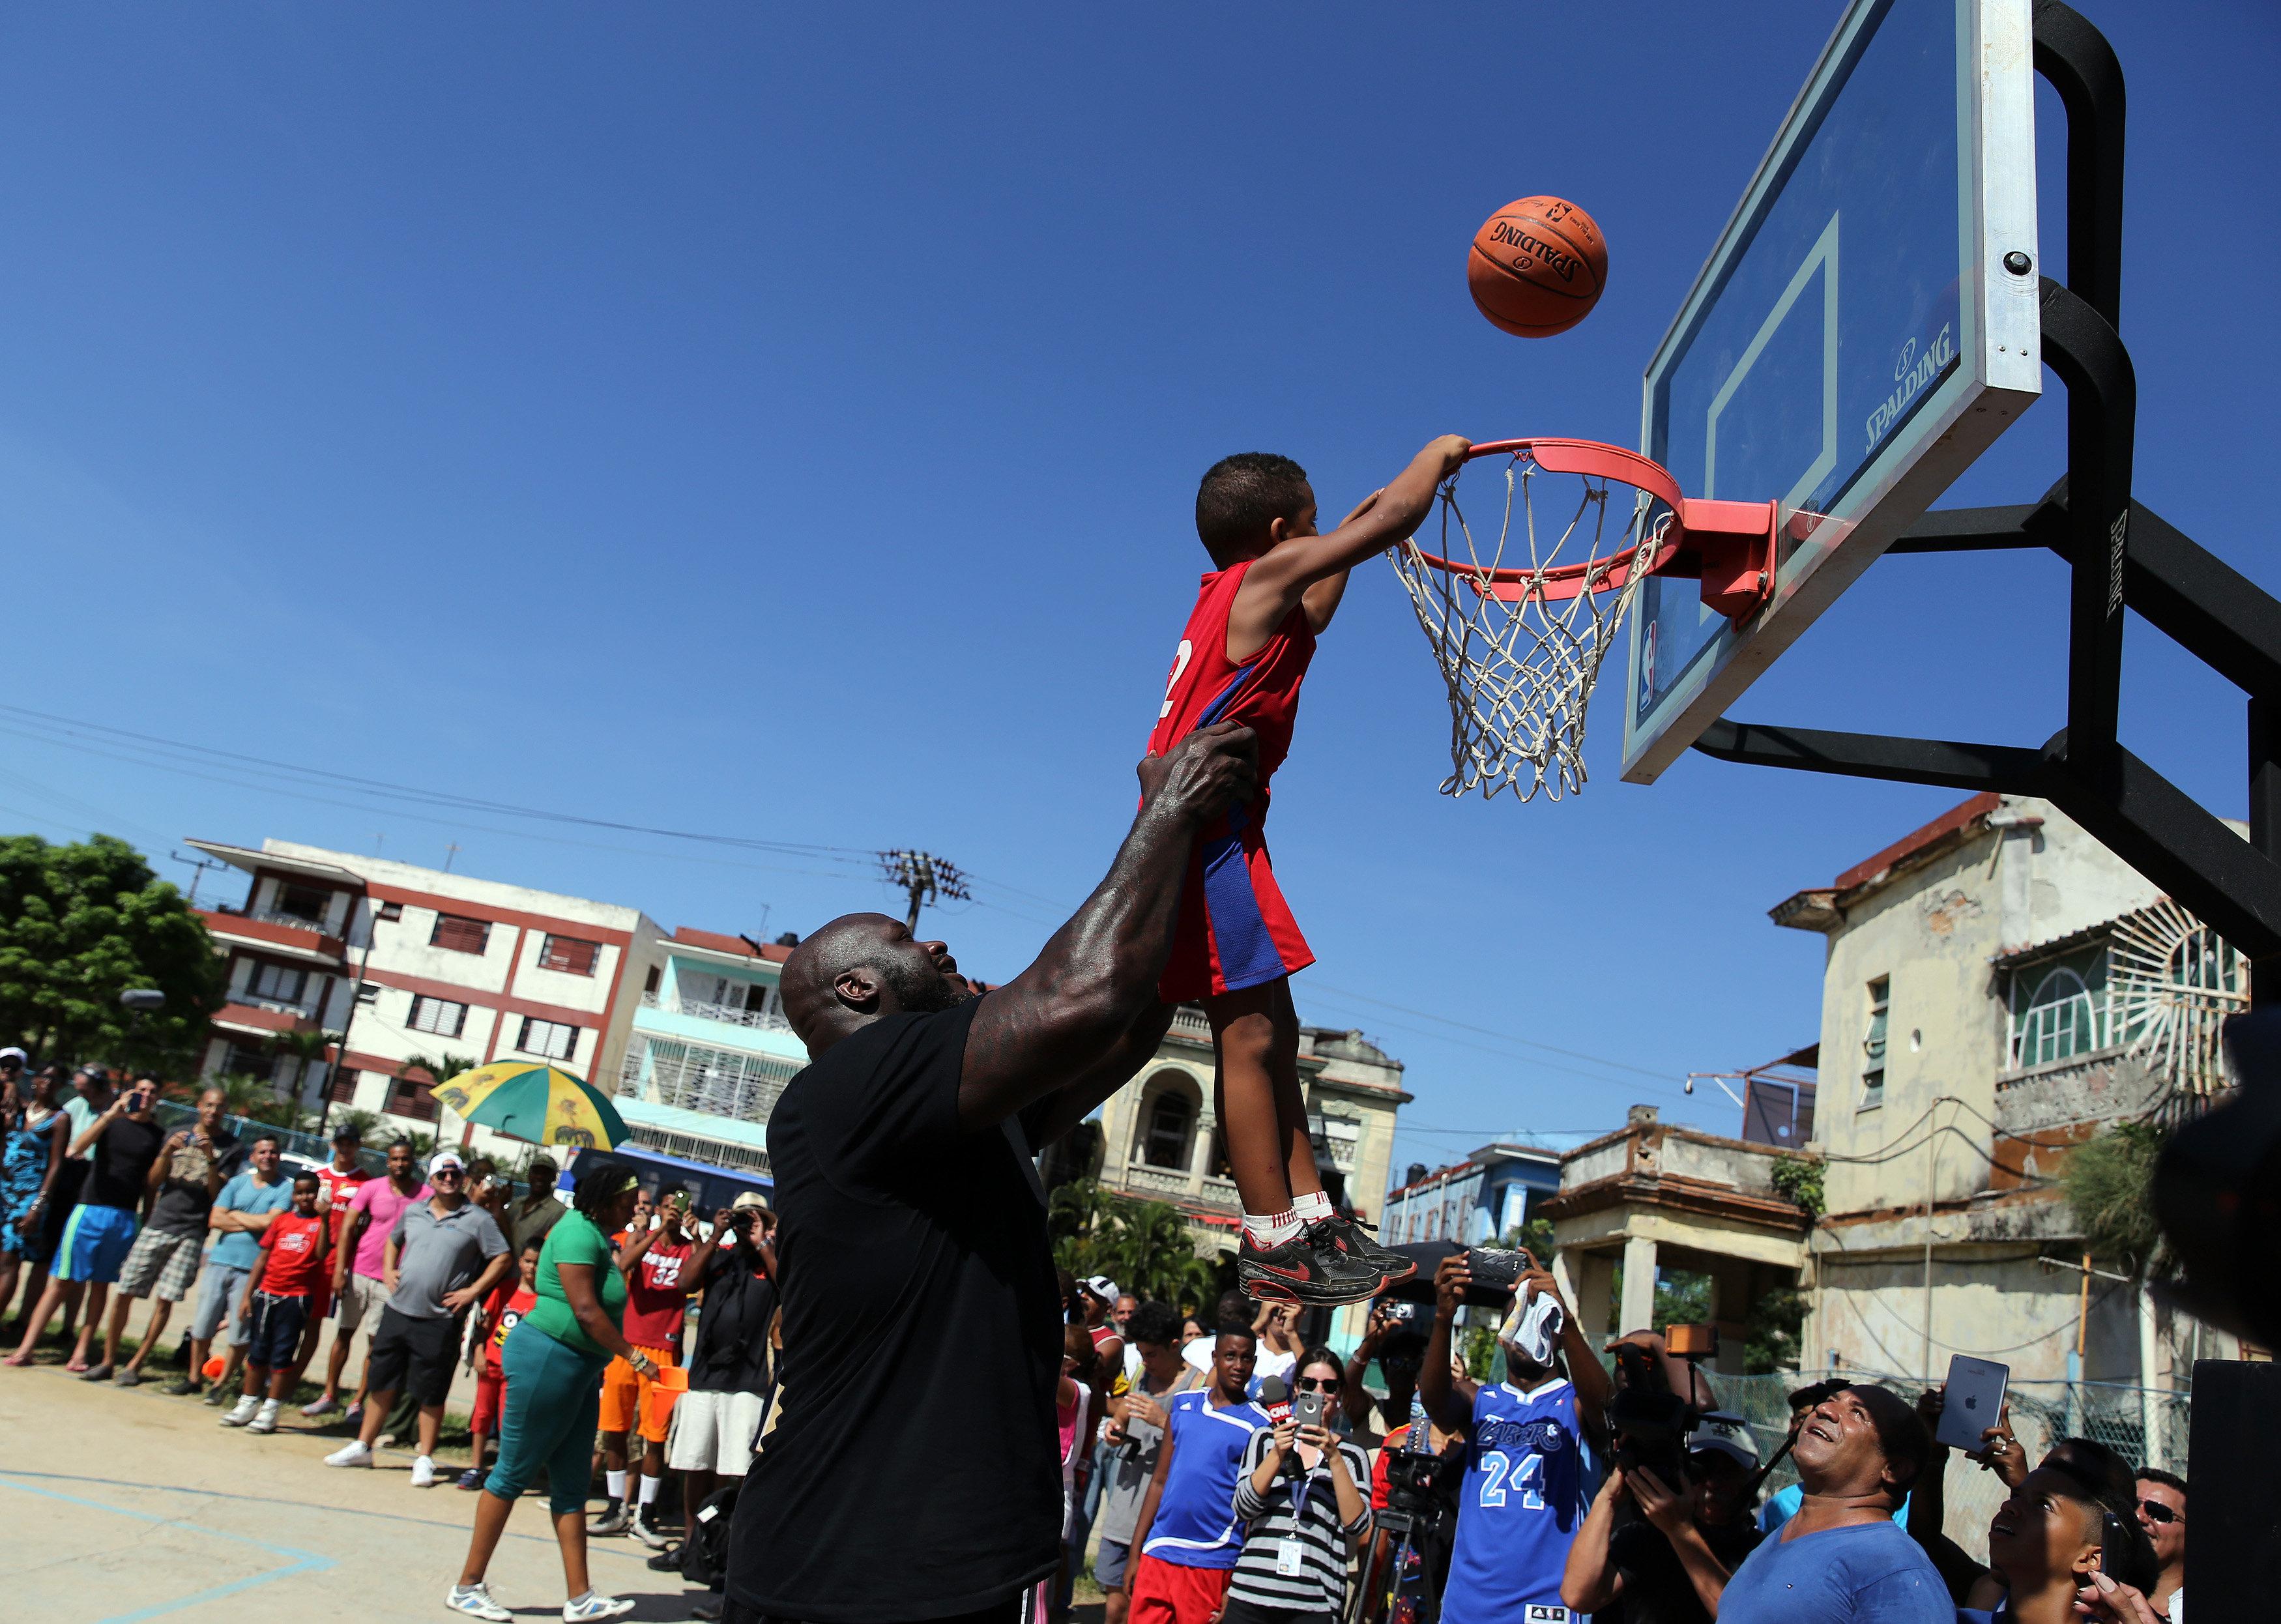 HAB02 LA HABANA (CUBA) 26/06/16.- El baloncestista retirado Shaquille O'Neal, quien jugó durante 19 temporadas en distintos equipos de la NBA, participa en una clínica con jugadores de baloncesto hoy, domingo 26 de junio de 2016, en La Habana (Cuba). O'Neal, se encuentra en la isla como enviado del Departamento de Estado de EEUU, en el marco de la normalización de relaciones entre ambos países. EFE/Alejandro Ernesto